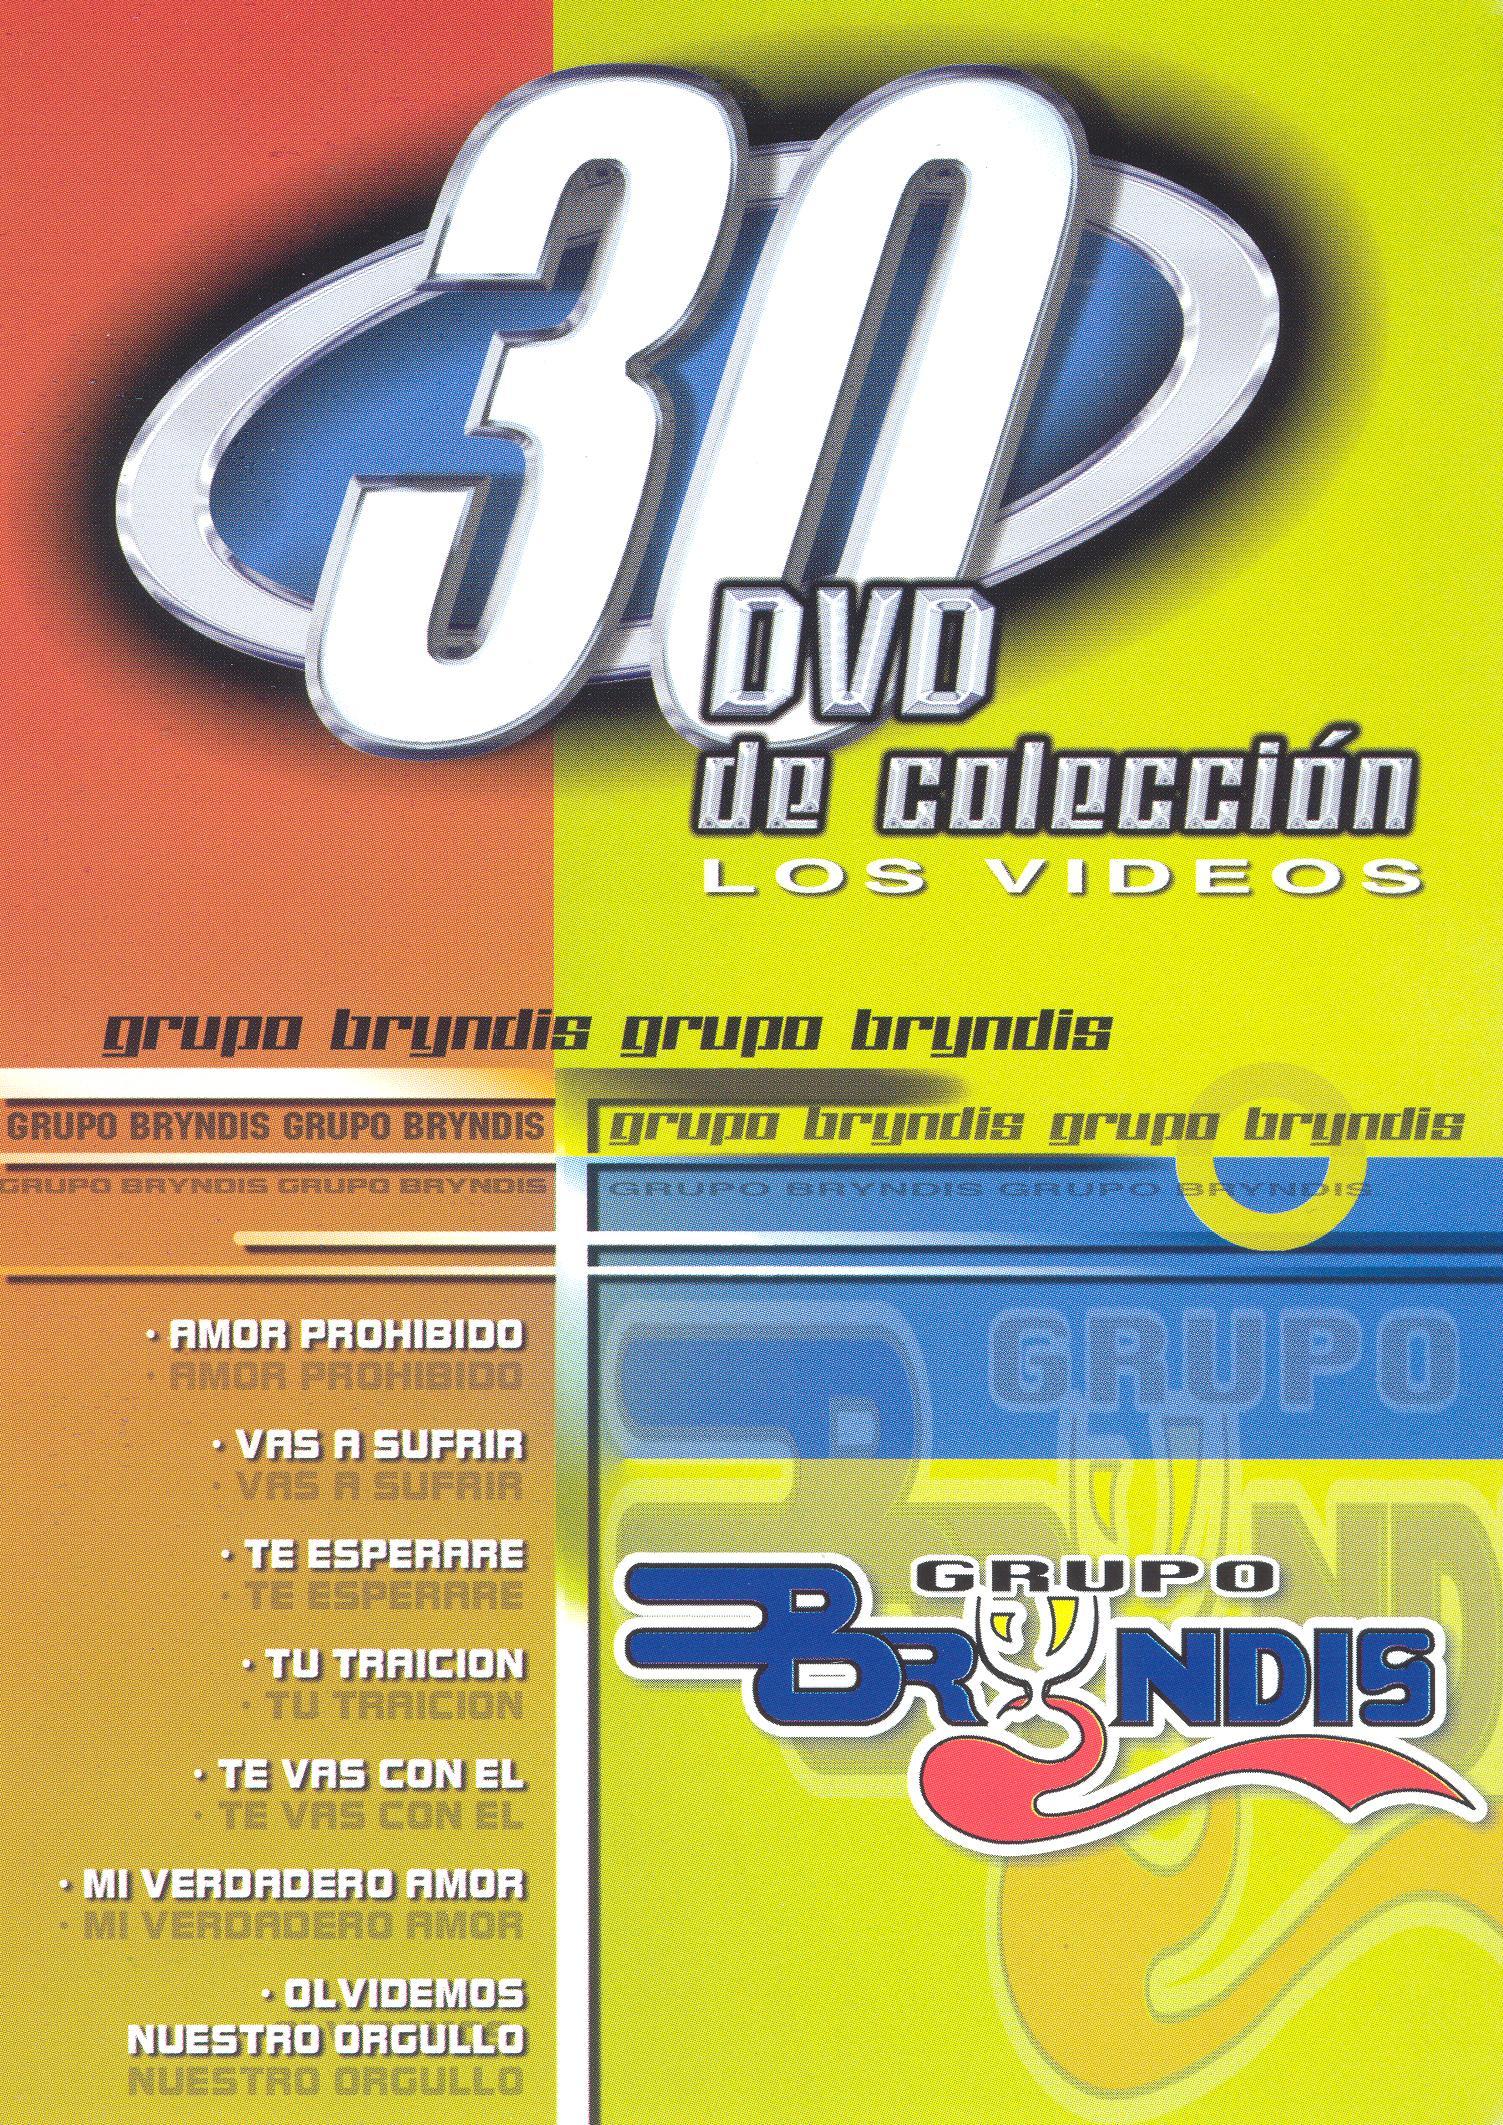 Grupo Byrndis: 30 DVD de colección los videos